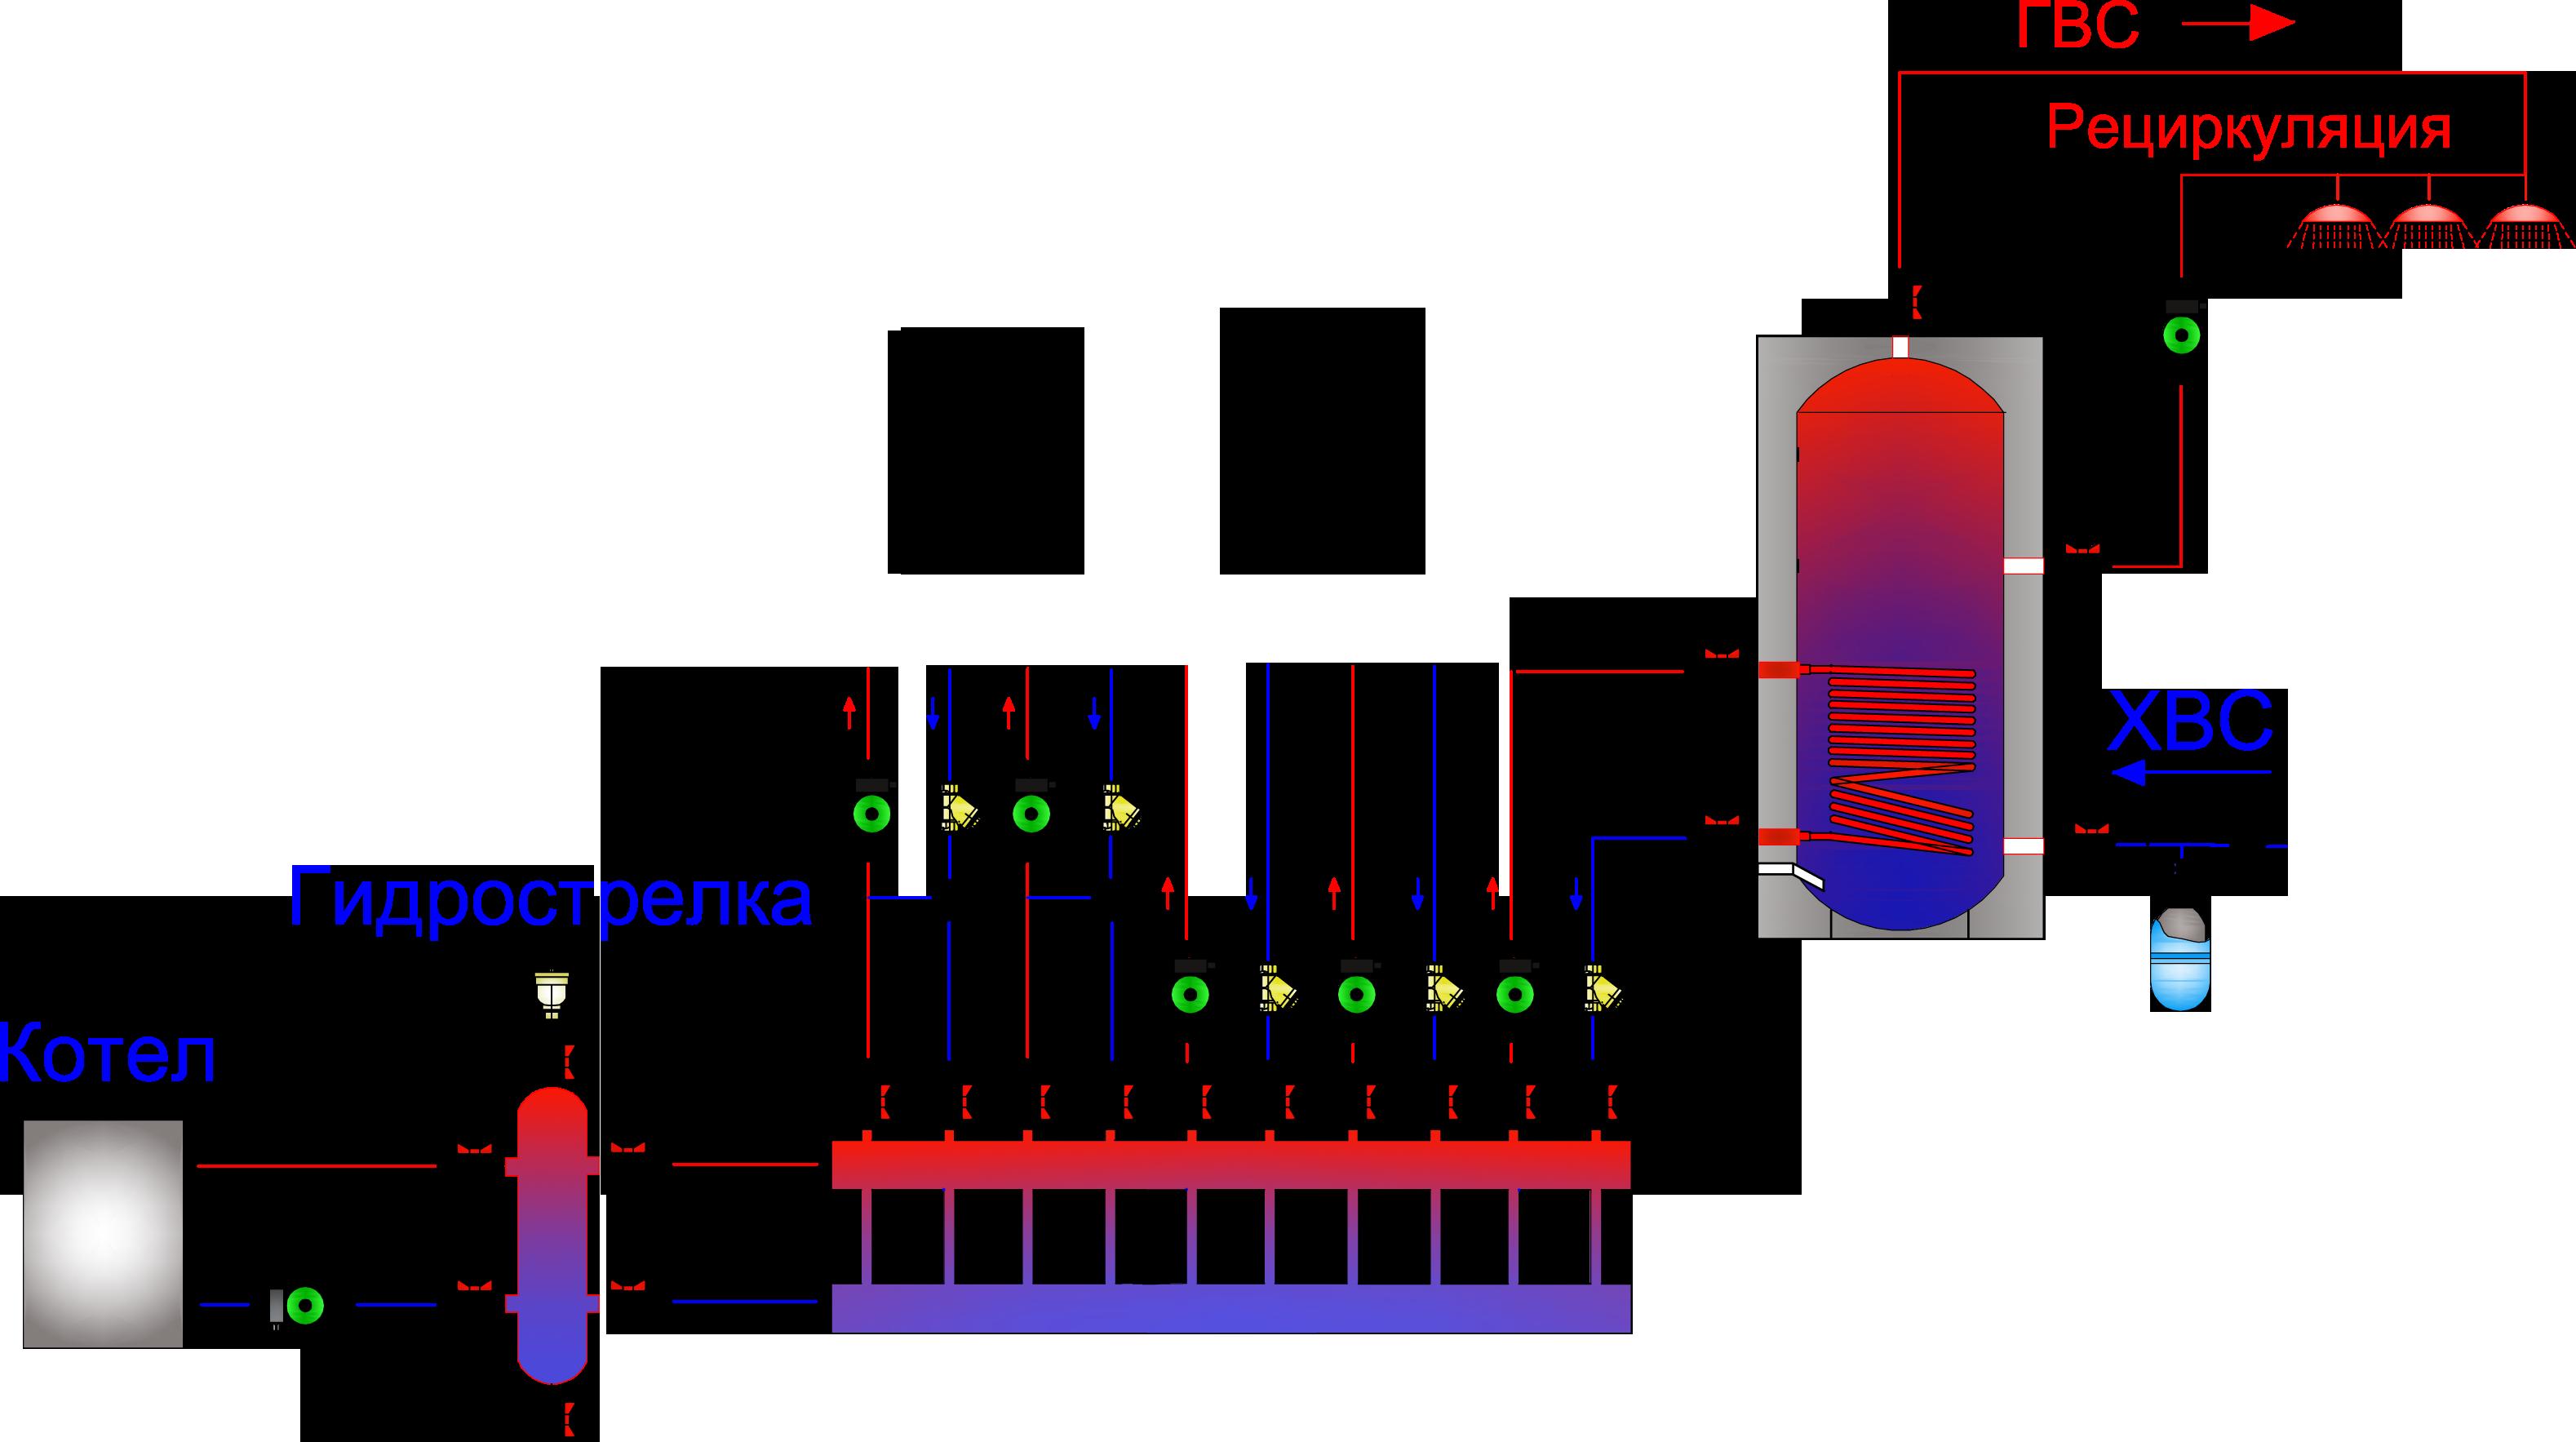 Теплоносители для проектирования теплообменников гвс теплообменник котельная устройство